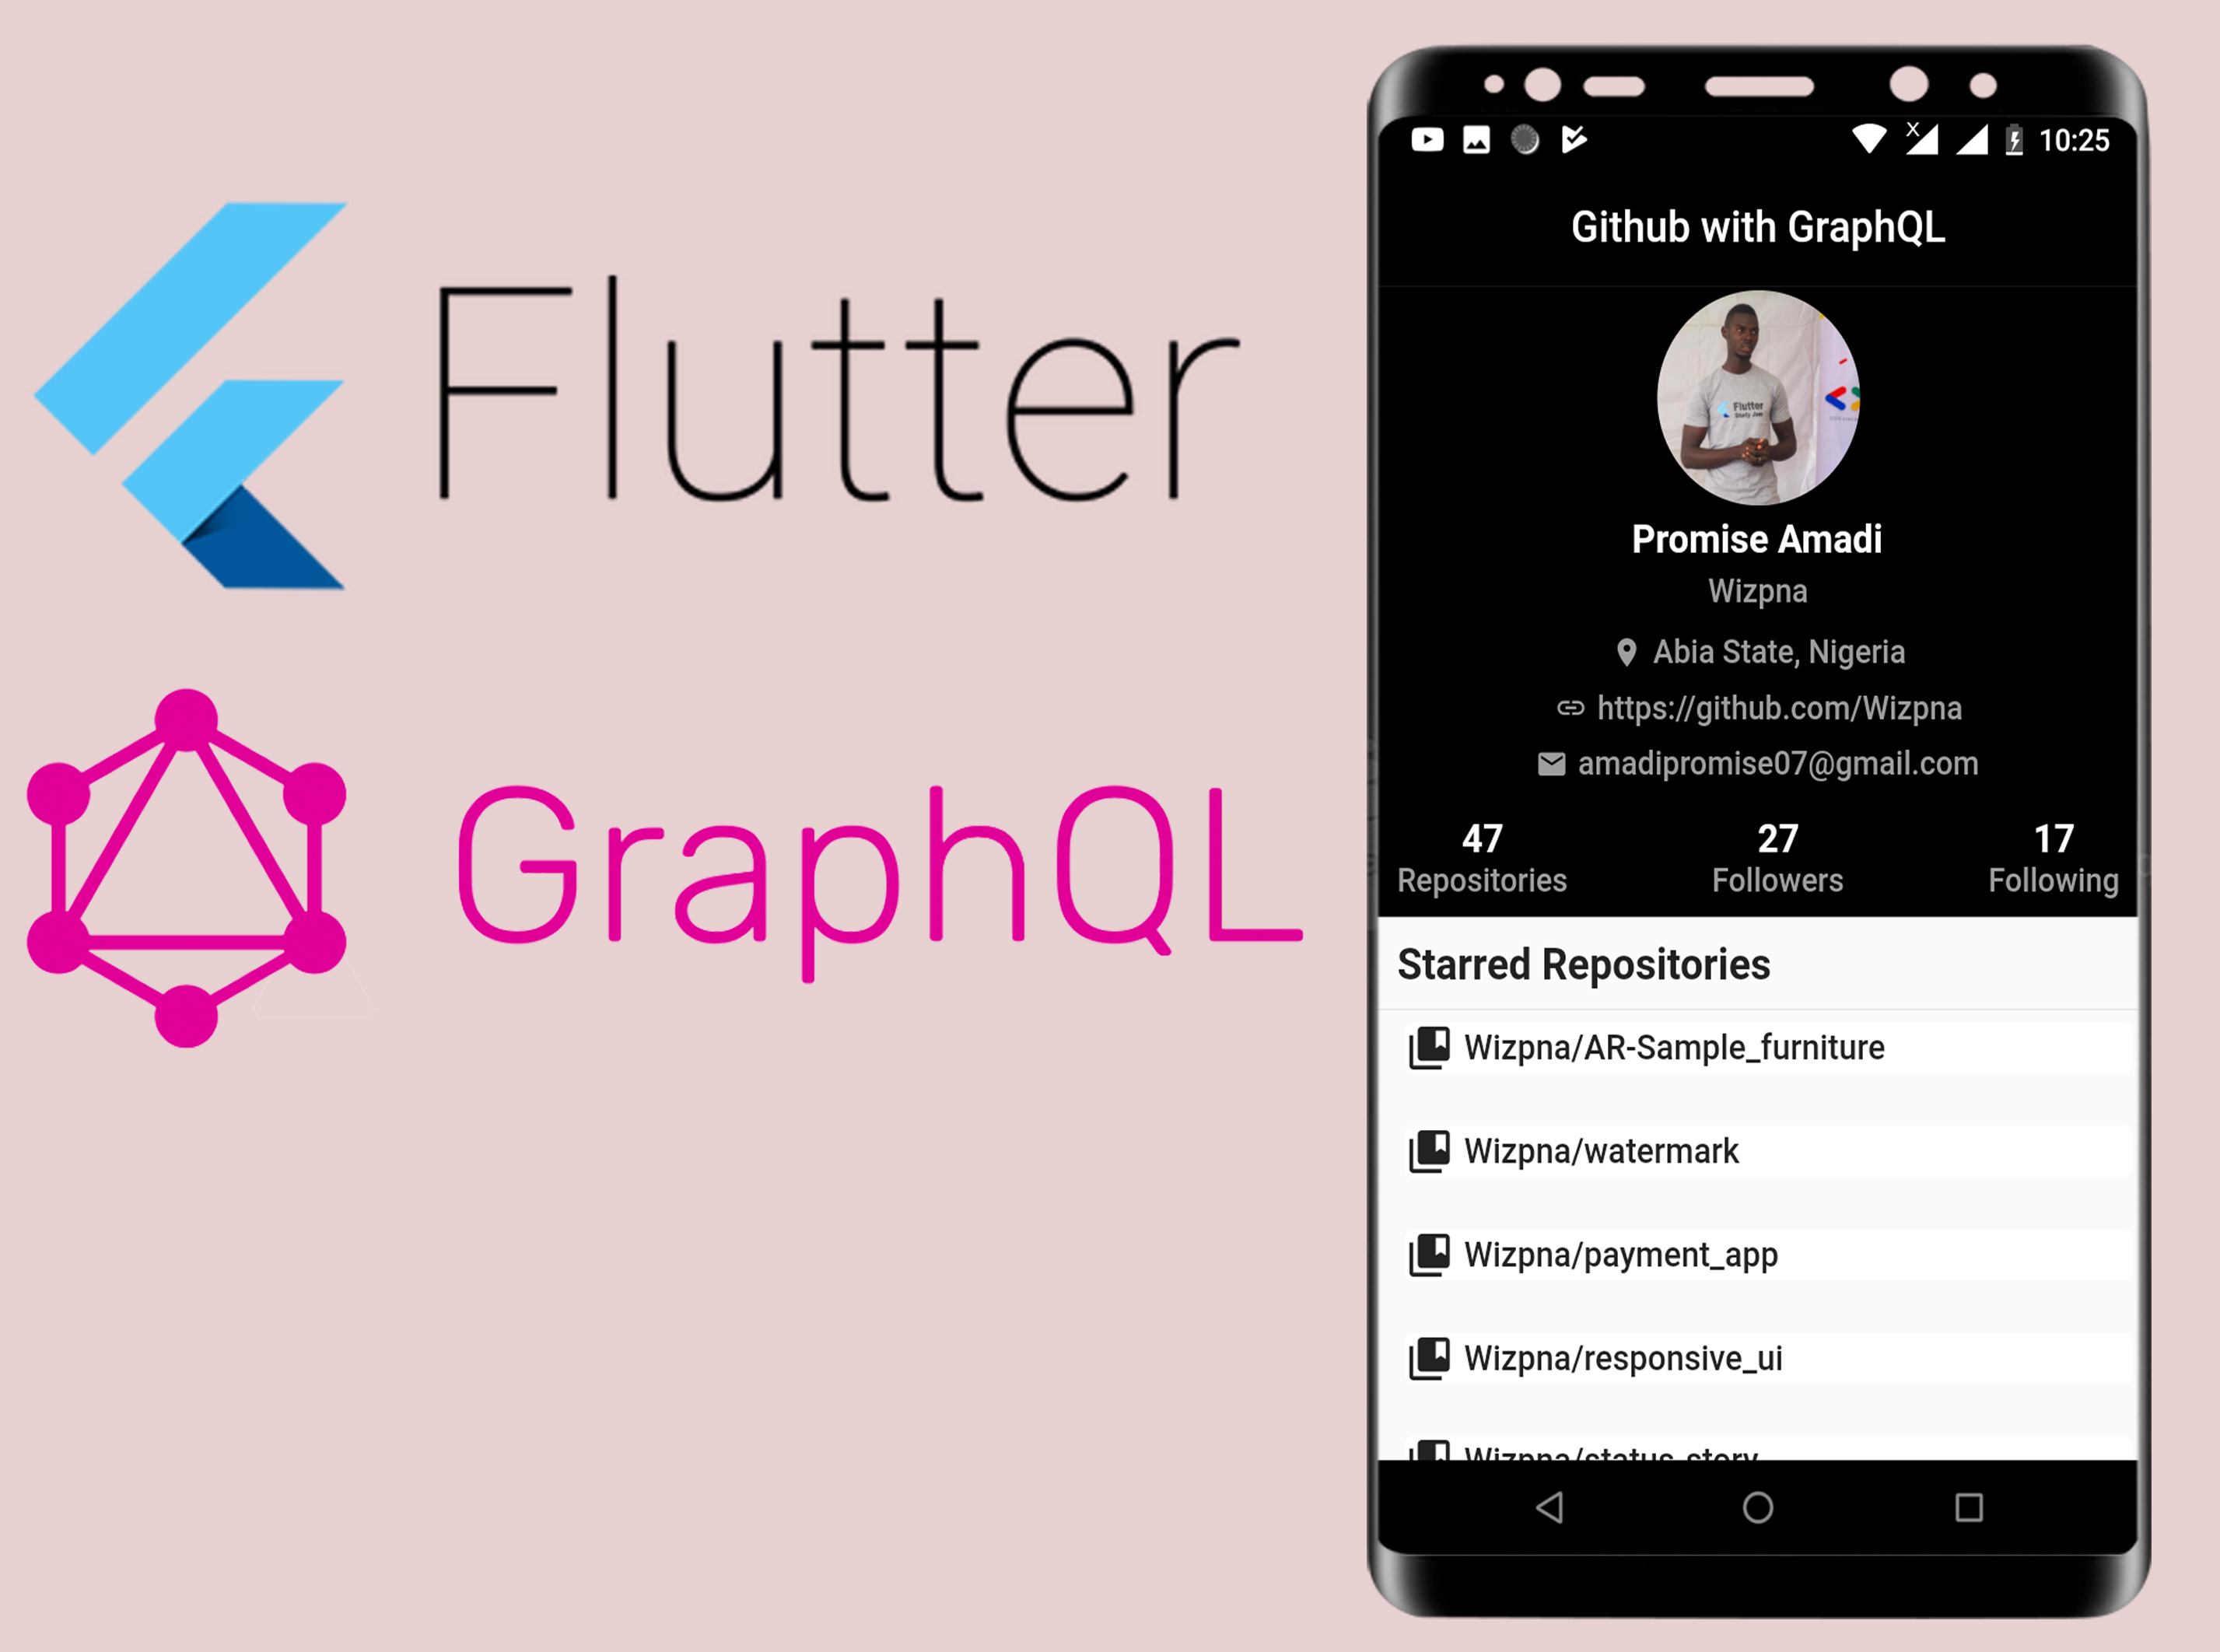 flutter-graphQL.jpg